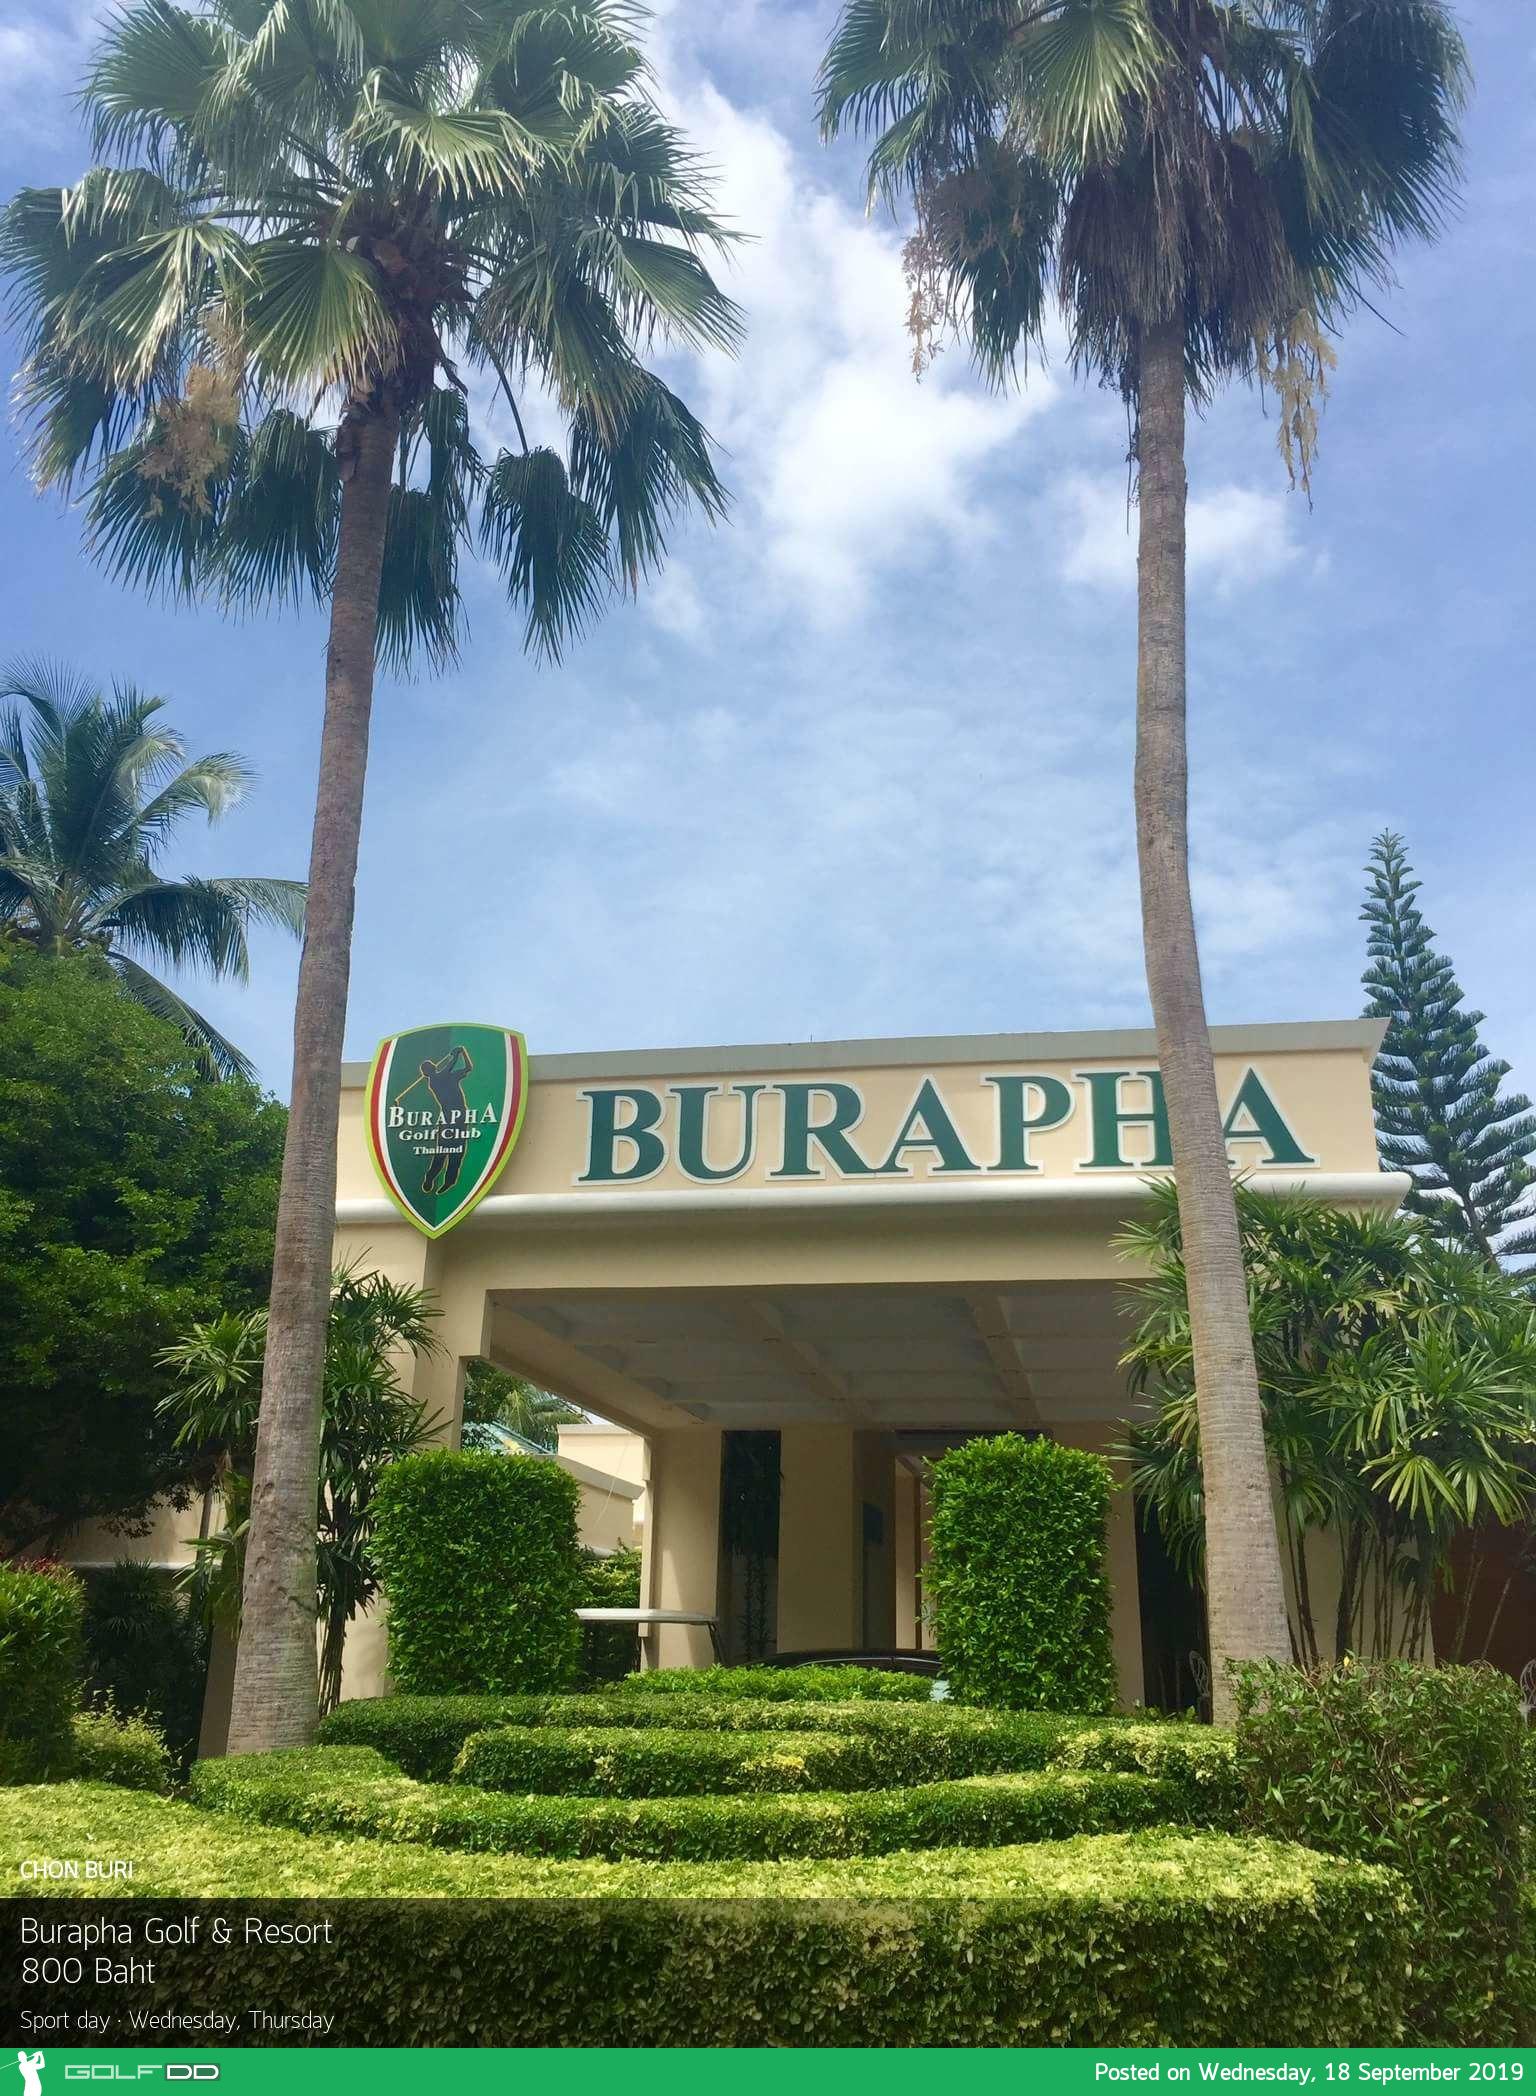 โปรยั่วๆ ไม่ชัวร์ไม่บอกนะจ๊ะ ลด 64% ที่ Burapha Golf and Resort ชลบุรี พร้อมจองผ่าน golfdd จ่ายเงินที่สนามได้เลย